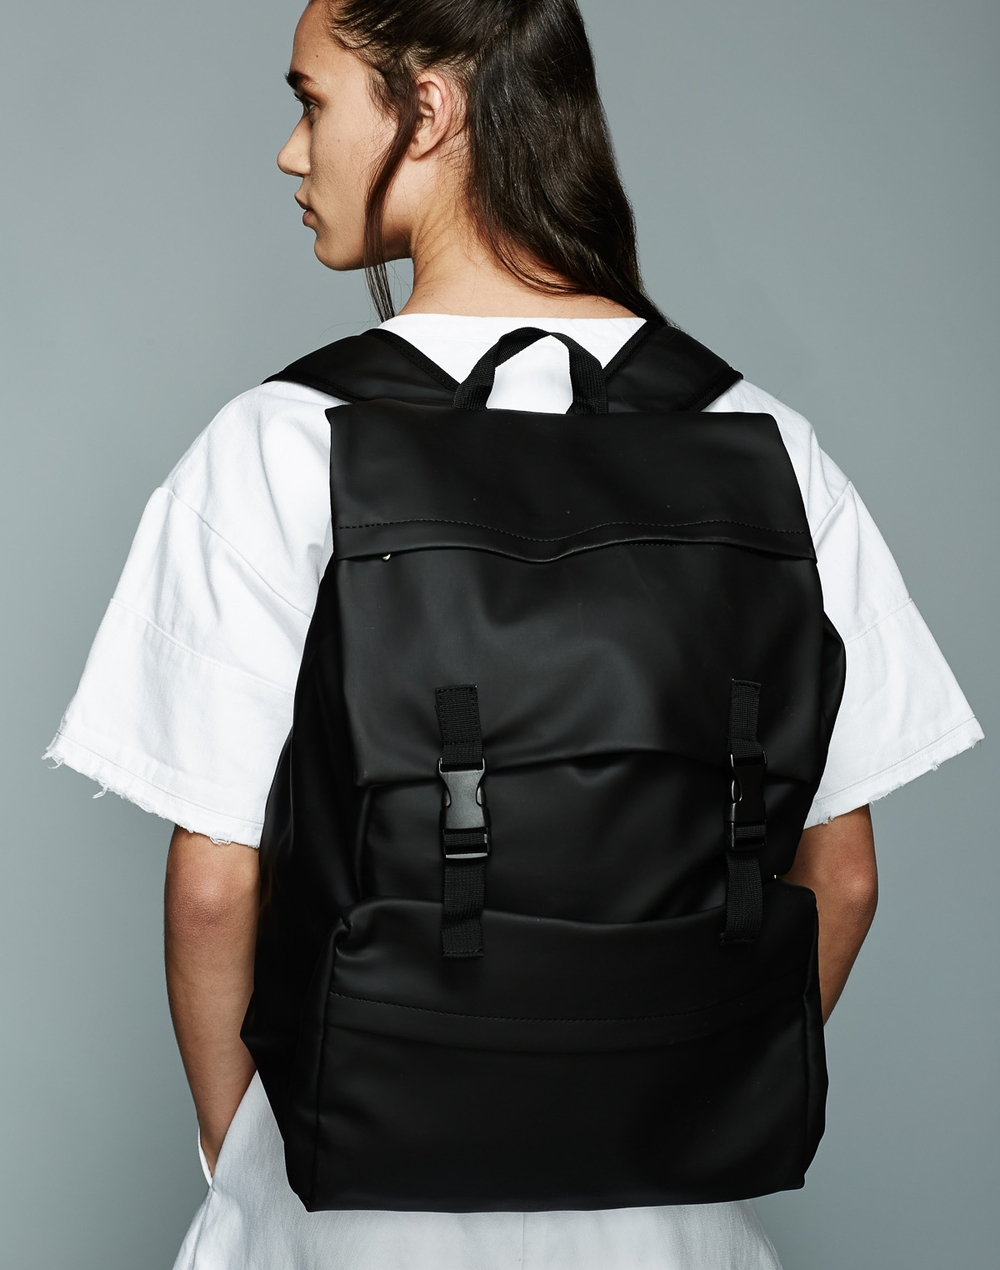 9. Ikumi Backpack, $235